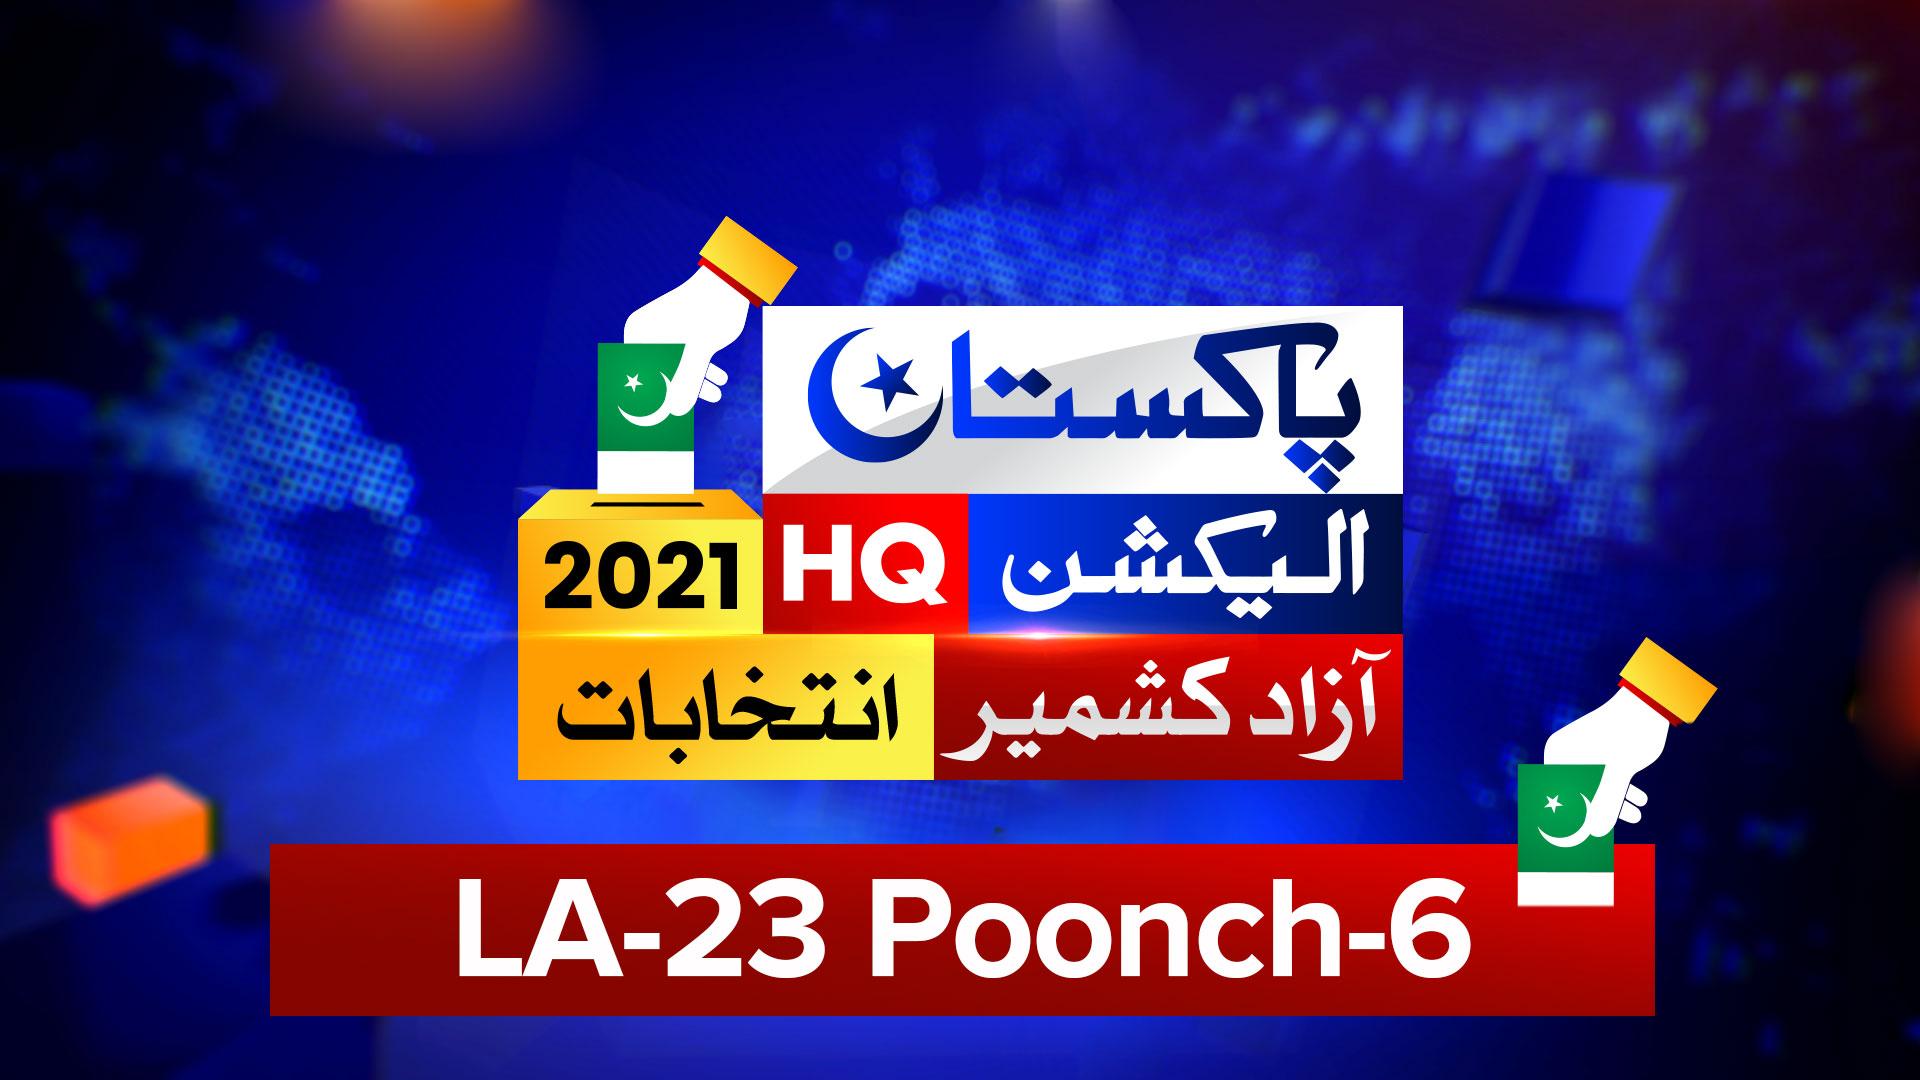 LA-23-Poonch-6